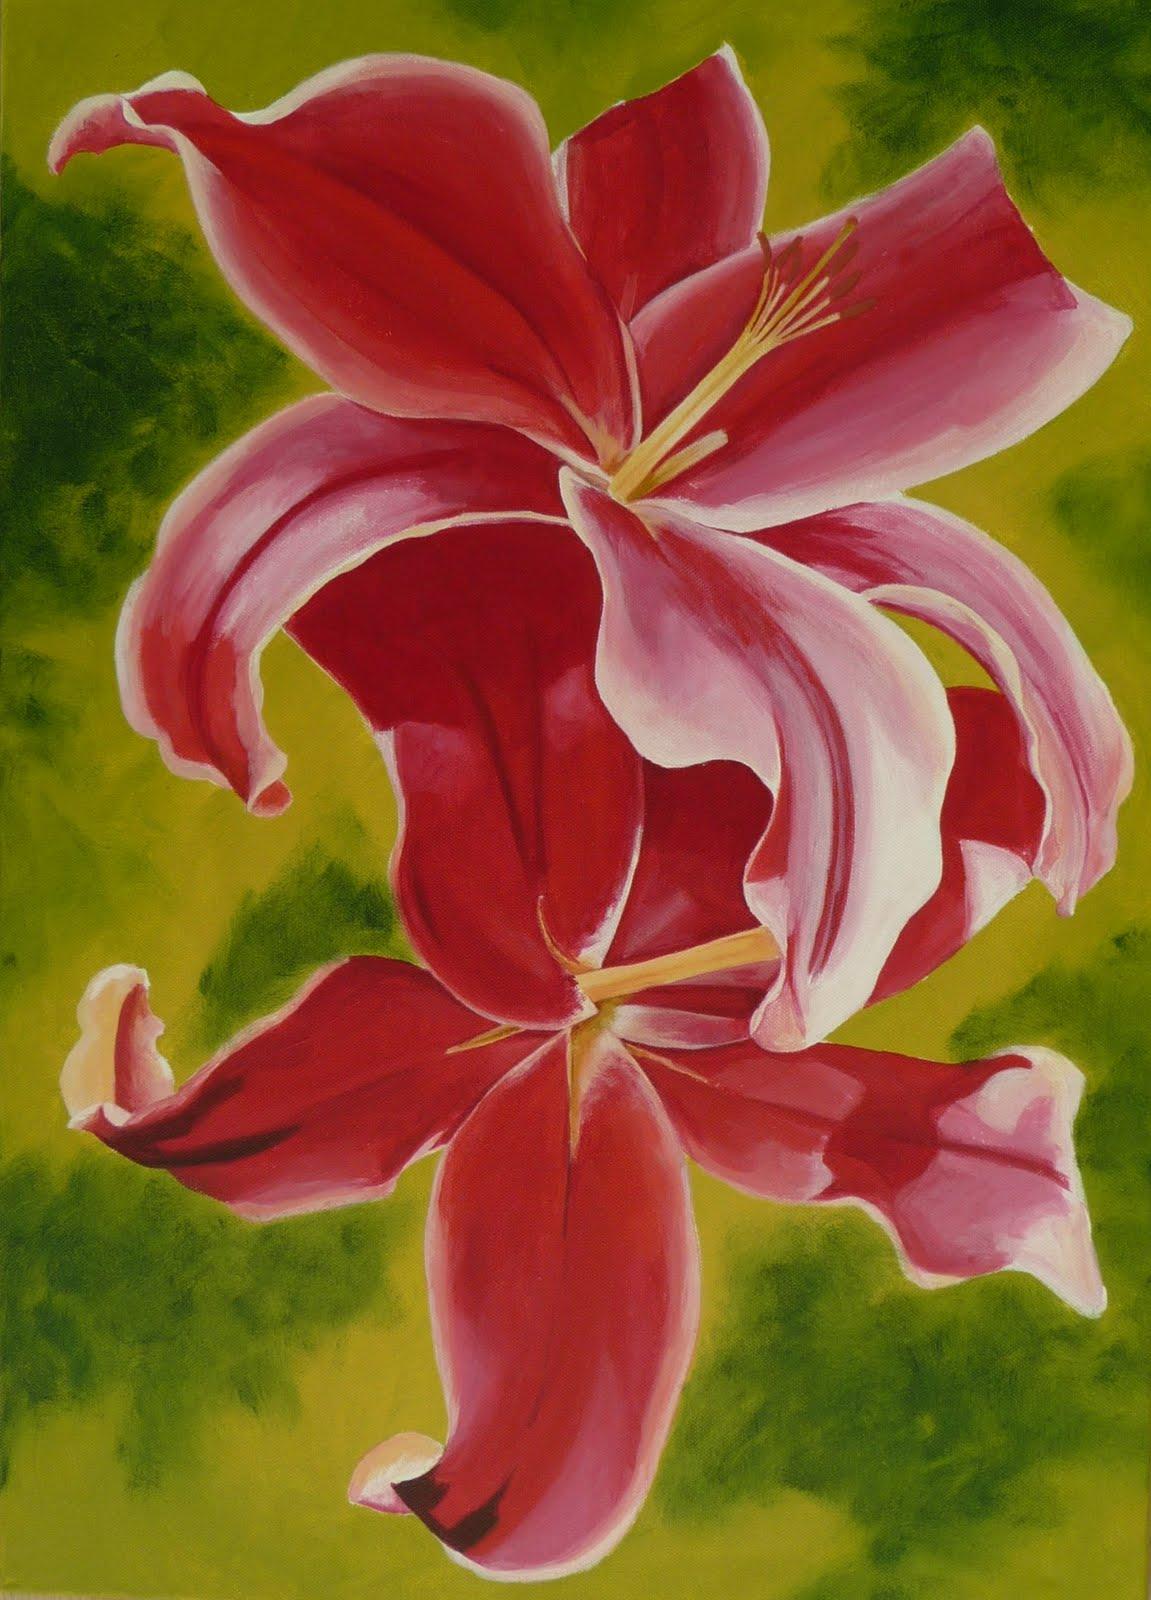 Schilderijen van Orchideeën (en andere bloemen): Grote roze lelies ...